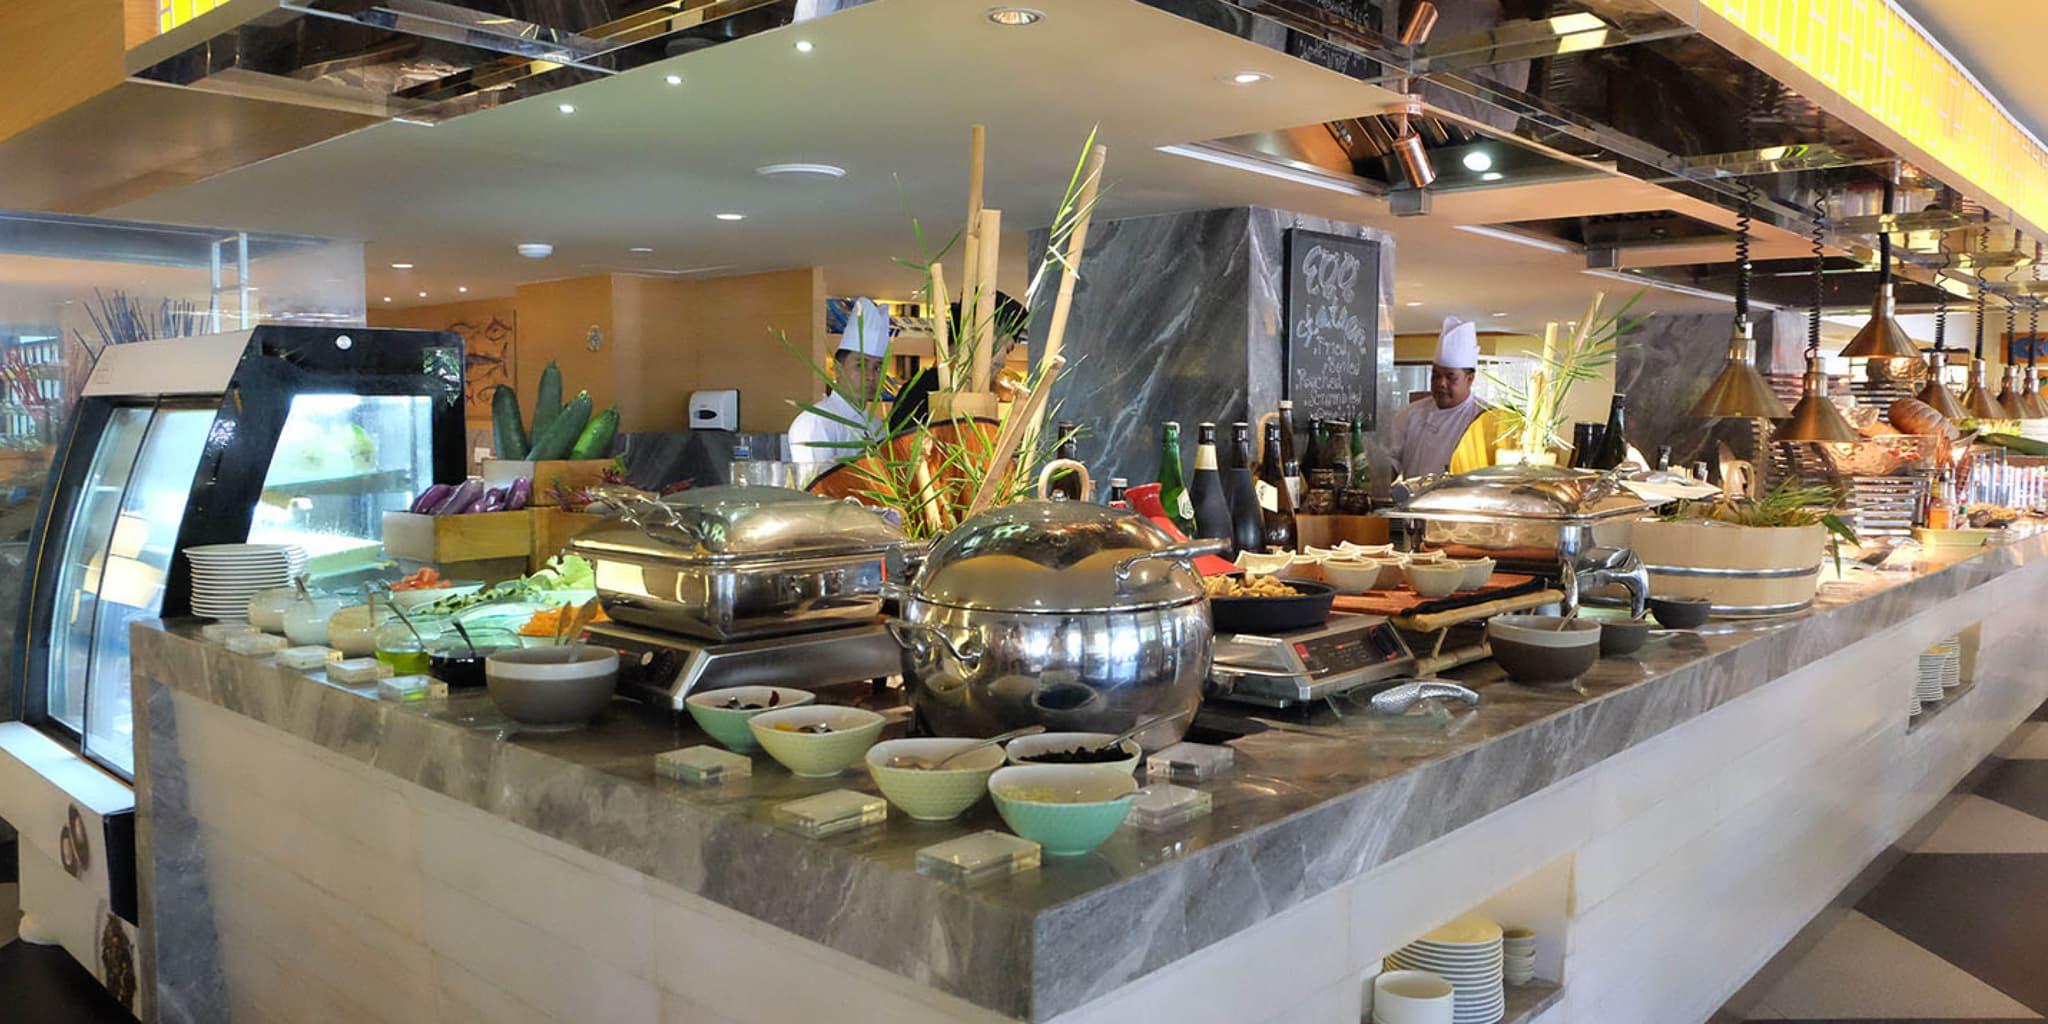 F&B Voucher The Westin Resort Nusa Dua - All You Can Eat Breakfast